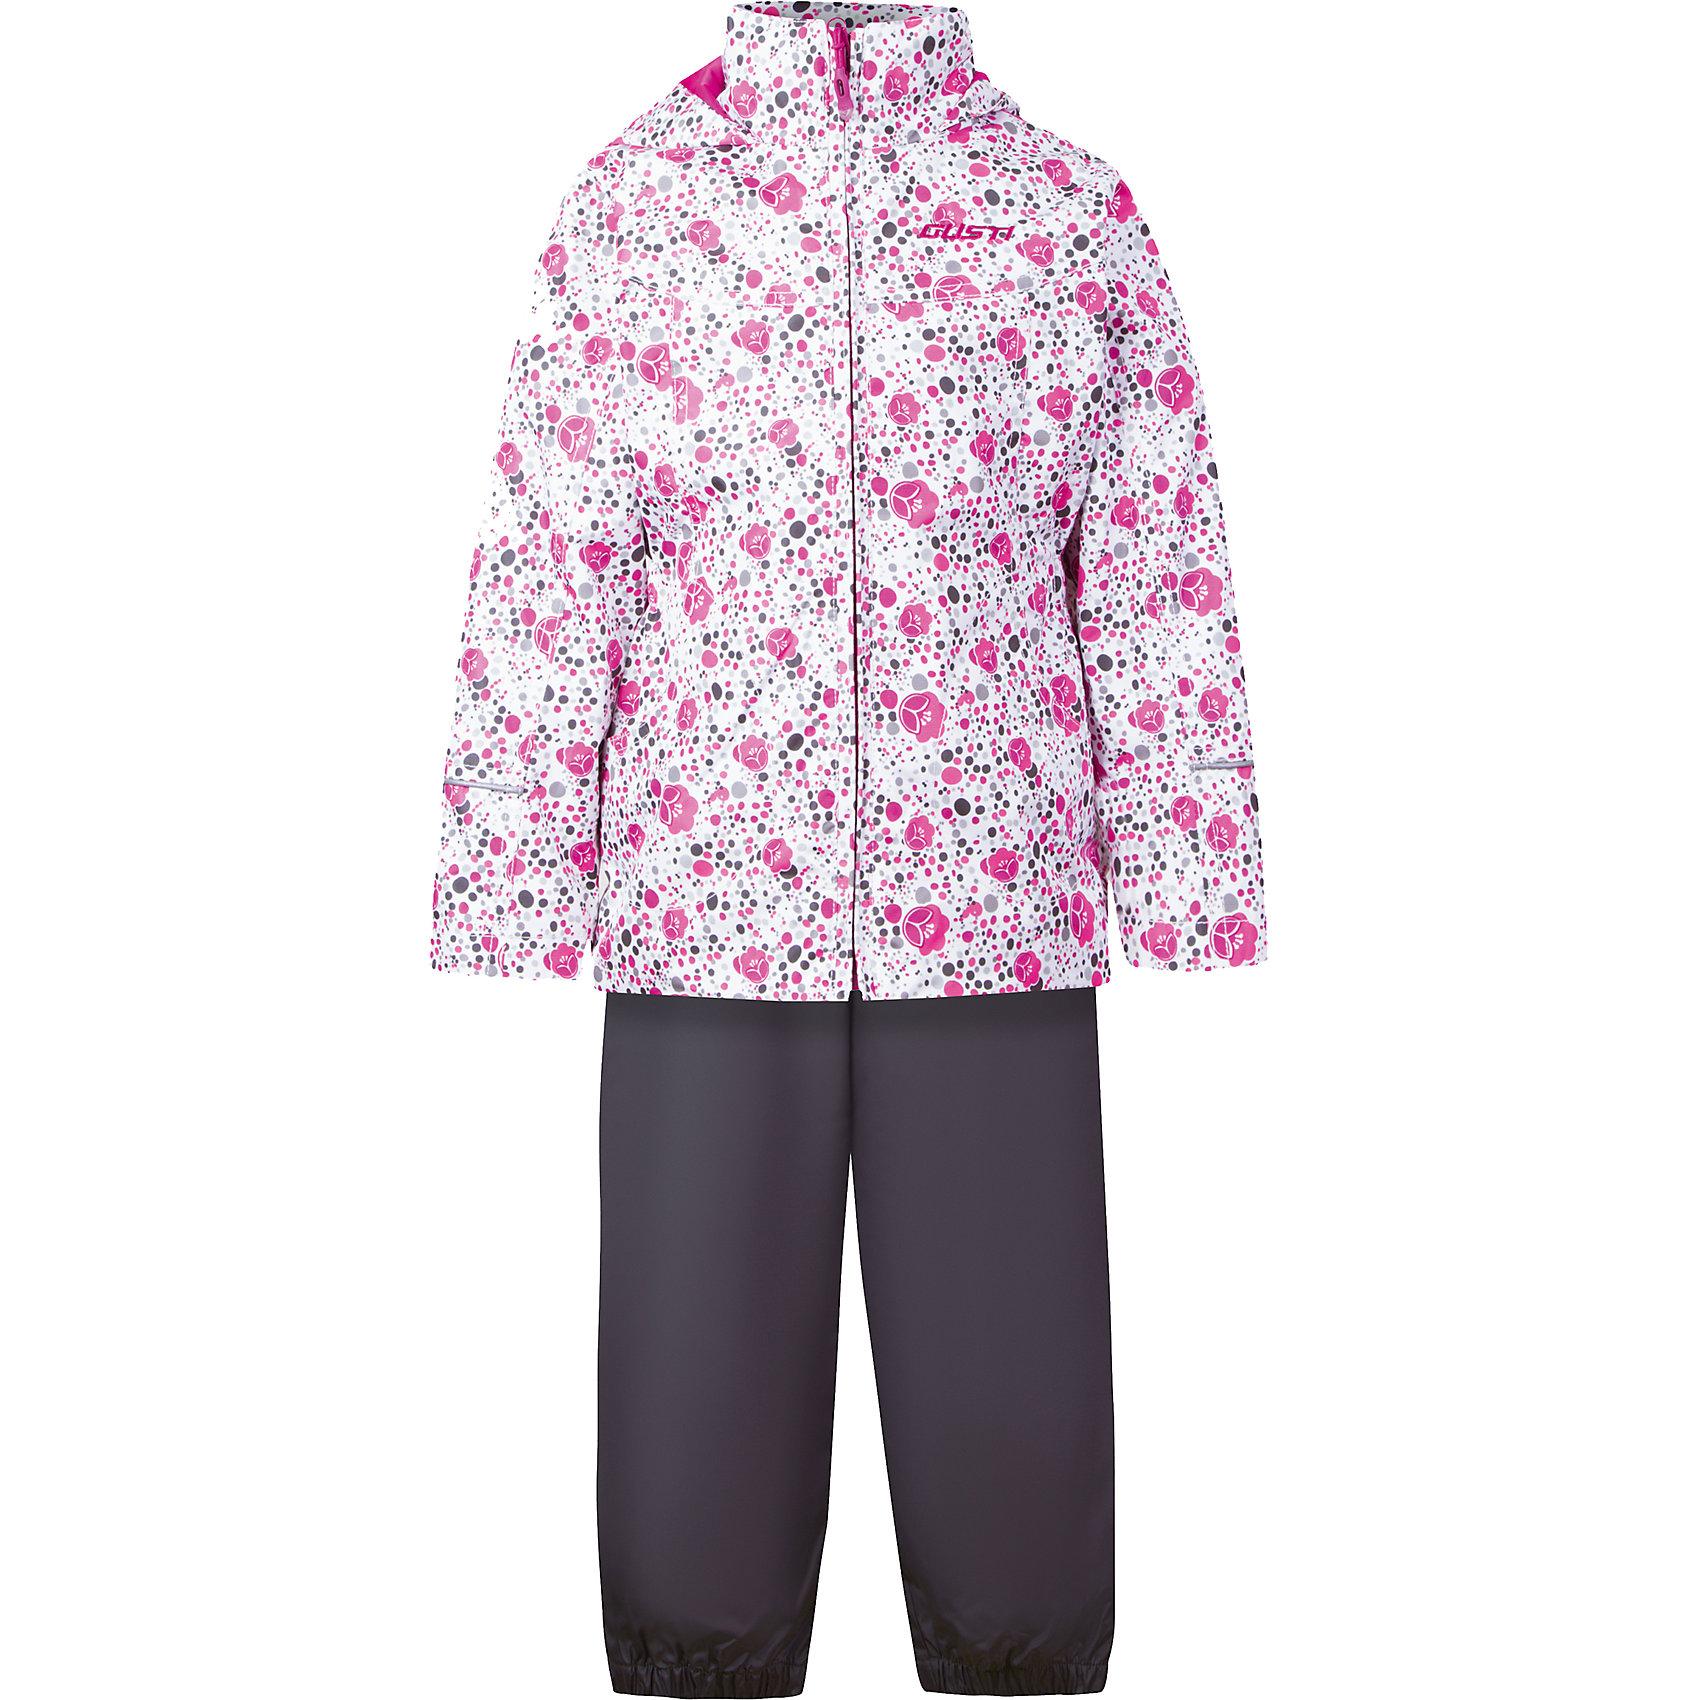 Комплект: куртка, толстовка и брюки для девочки GustiВерхняя одежда<br>Характеристики товара:<br><br>• цвет: белый<br>• состав: 100% полиэстер, подкладка, утеплитель - 100% полиэстер<br>• комплектация: куртка, съемная флисовая подкладка, брюки<br>• температурный режим: от +5° С до +15° С<br>• водонепроницаемый материал<br>• капюшон<br>• карманы<br>• съемные подтяжки<br>• брючины эластичные<br>• комфортная посадка<br>• светоотражающие элементы<br>• молния<br>• утеплитель: синтепон<br>• демисезонный<br>• страна бренда: Канада<br><br>Этот демисезонный комплект из куртки, пристегивающейся к ней толстовки из флиса, и штанов поможет обеспечить ребенку комфорт и тепло. Предметы удобно садятся по фигуре, отлично смотрятся с различной обувью. Комплект очень модно выглядит, он хорошо защищает от ветра и влаги. Материал отлично подходит для дождливой погоды. Стильный дизайн разрабатывался специально для детей.<br><br>Комплект: куртка, толстовка и брюки для девочки от известного бренда Gusti (Густи) можно купить в нашем интернет-магазине.<br><br>Ширина мм: 356<br>Глубина мм: 10<br>Высота мм: 245<br>Вес г: 519<br>Цвет: белый<br>Возраст от месяцев: 12<br>Возраст до месяцев: 15<br>Пол: Женский<br>Возраст: Детский<br>Размер: 80,128,86,90,92,98,100,104,110,116,120,122<br>SKU: 5452451